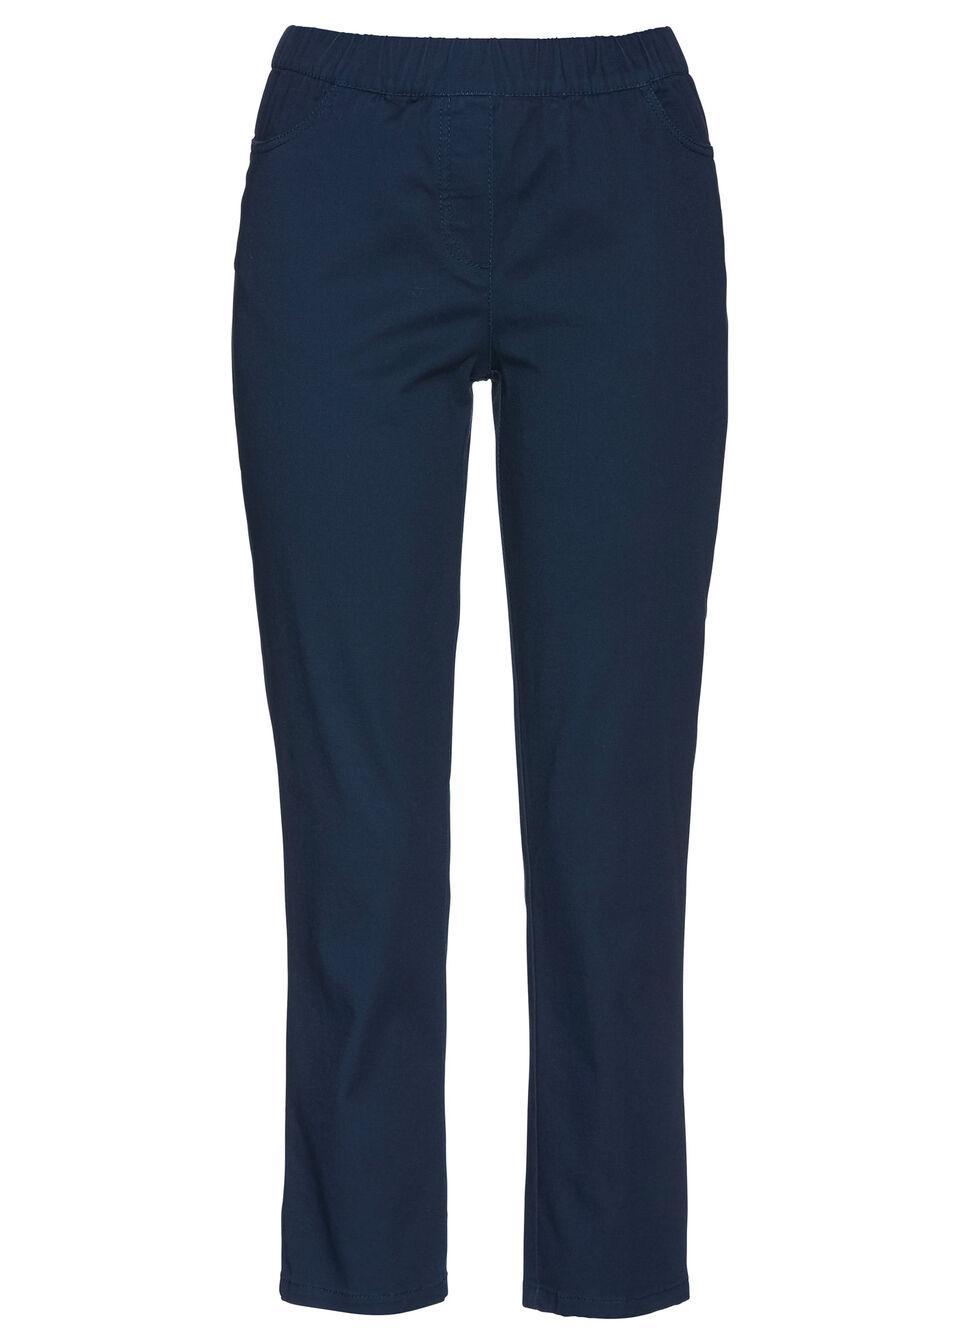 Spodnie bez zamka w talii 7/8 bonprix ciemnoniebieski